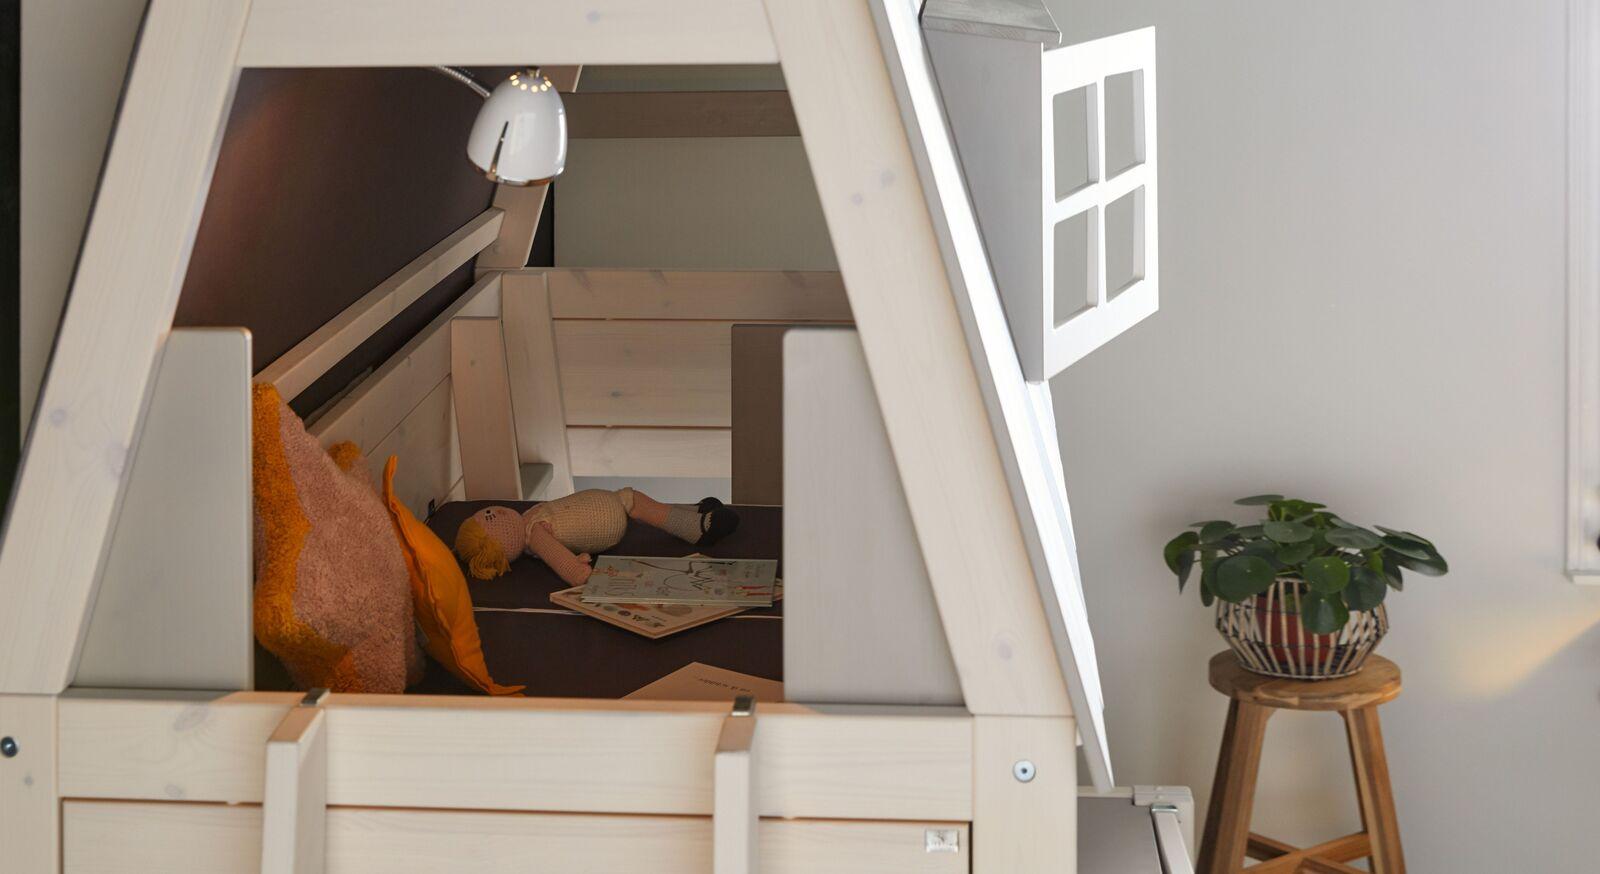 LIFETIME Abenteuer- und Etagenbett Hangout mit gemütlichem Spielbereich